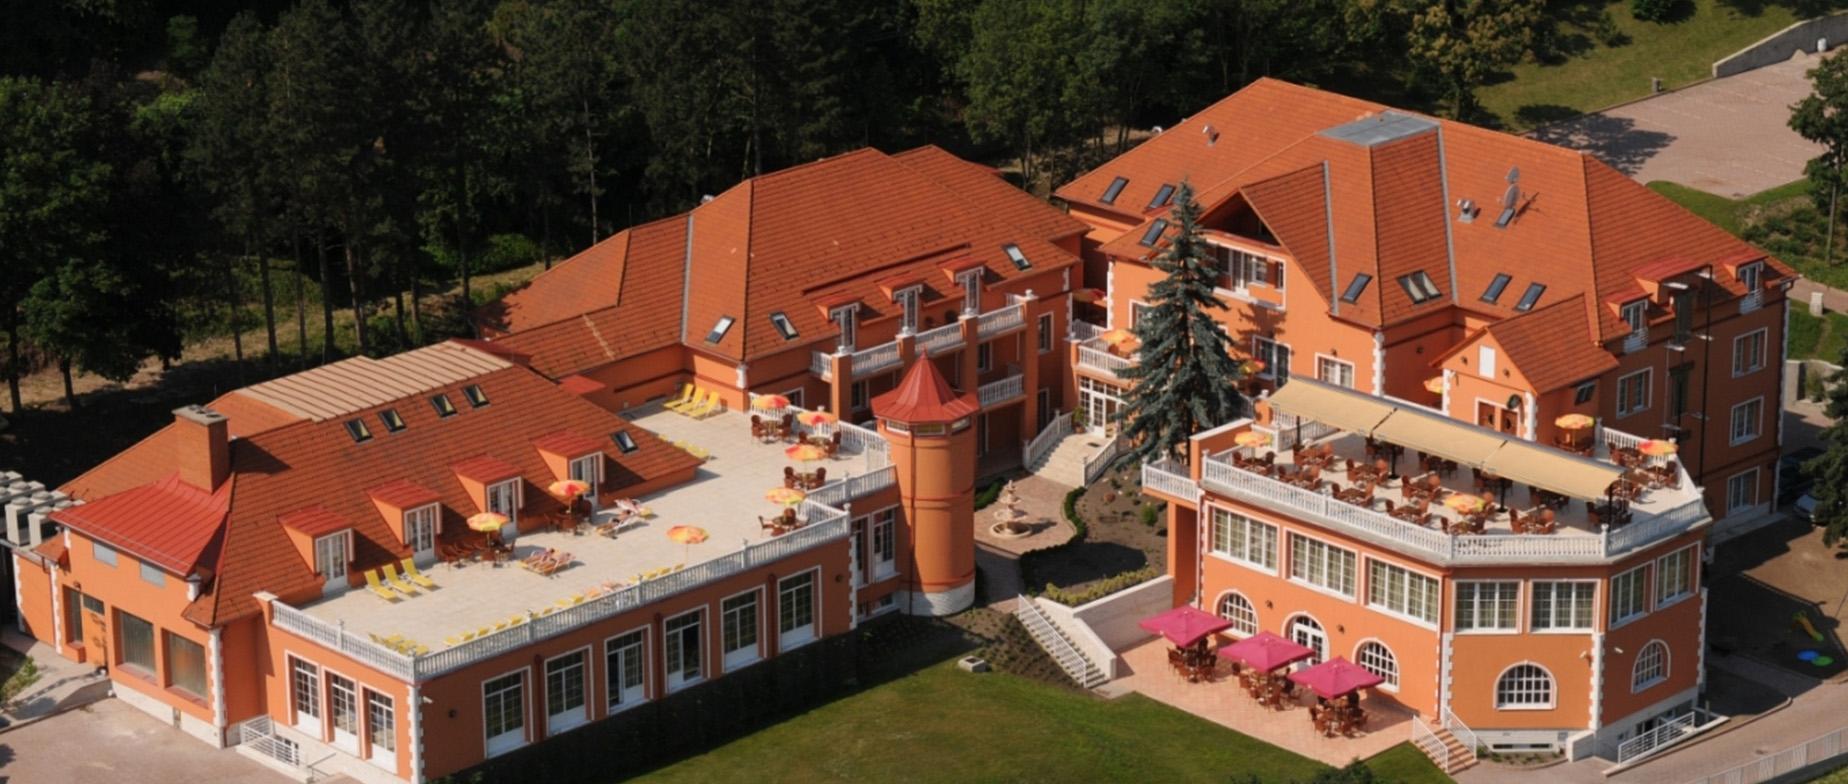 Hotel Bellevue, Esztergom ajándékkártya